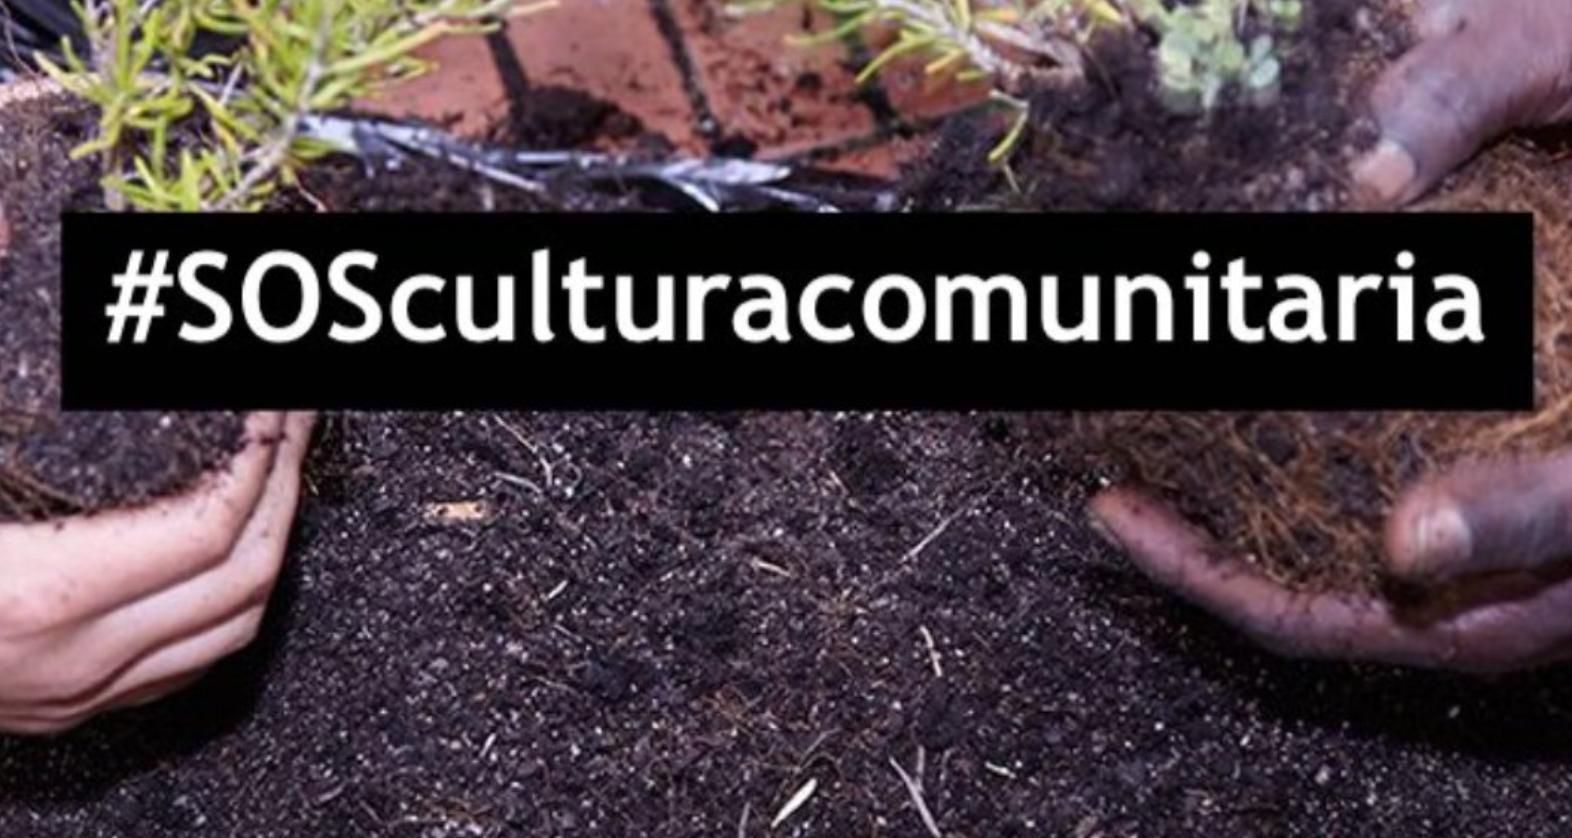 Cultura comunitària